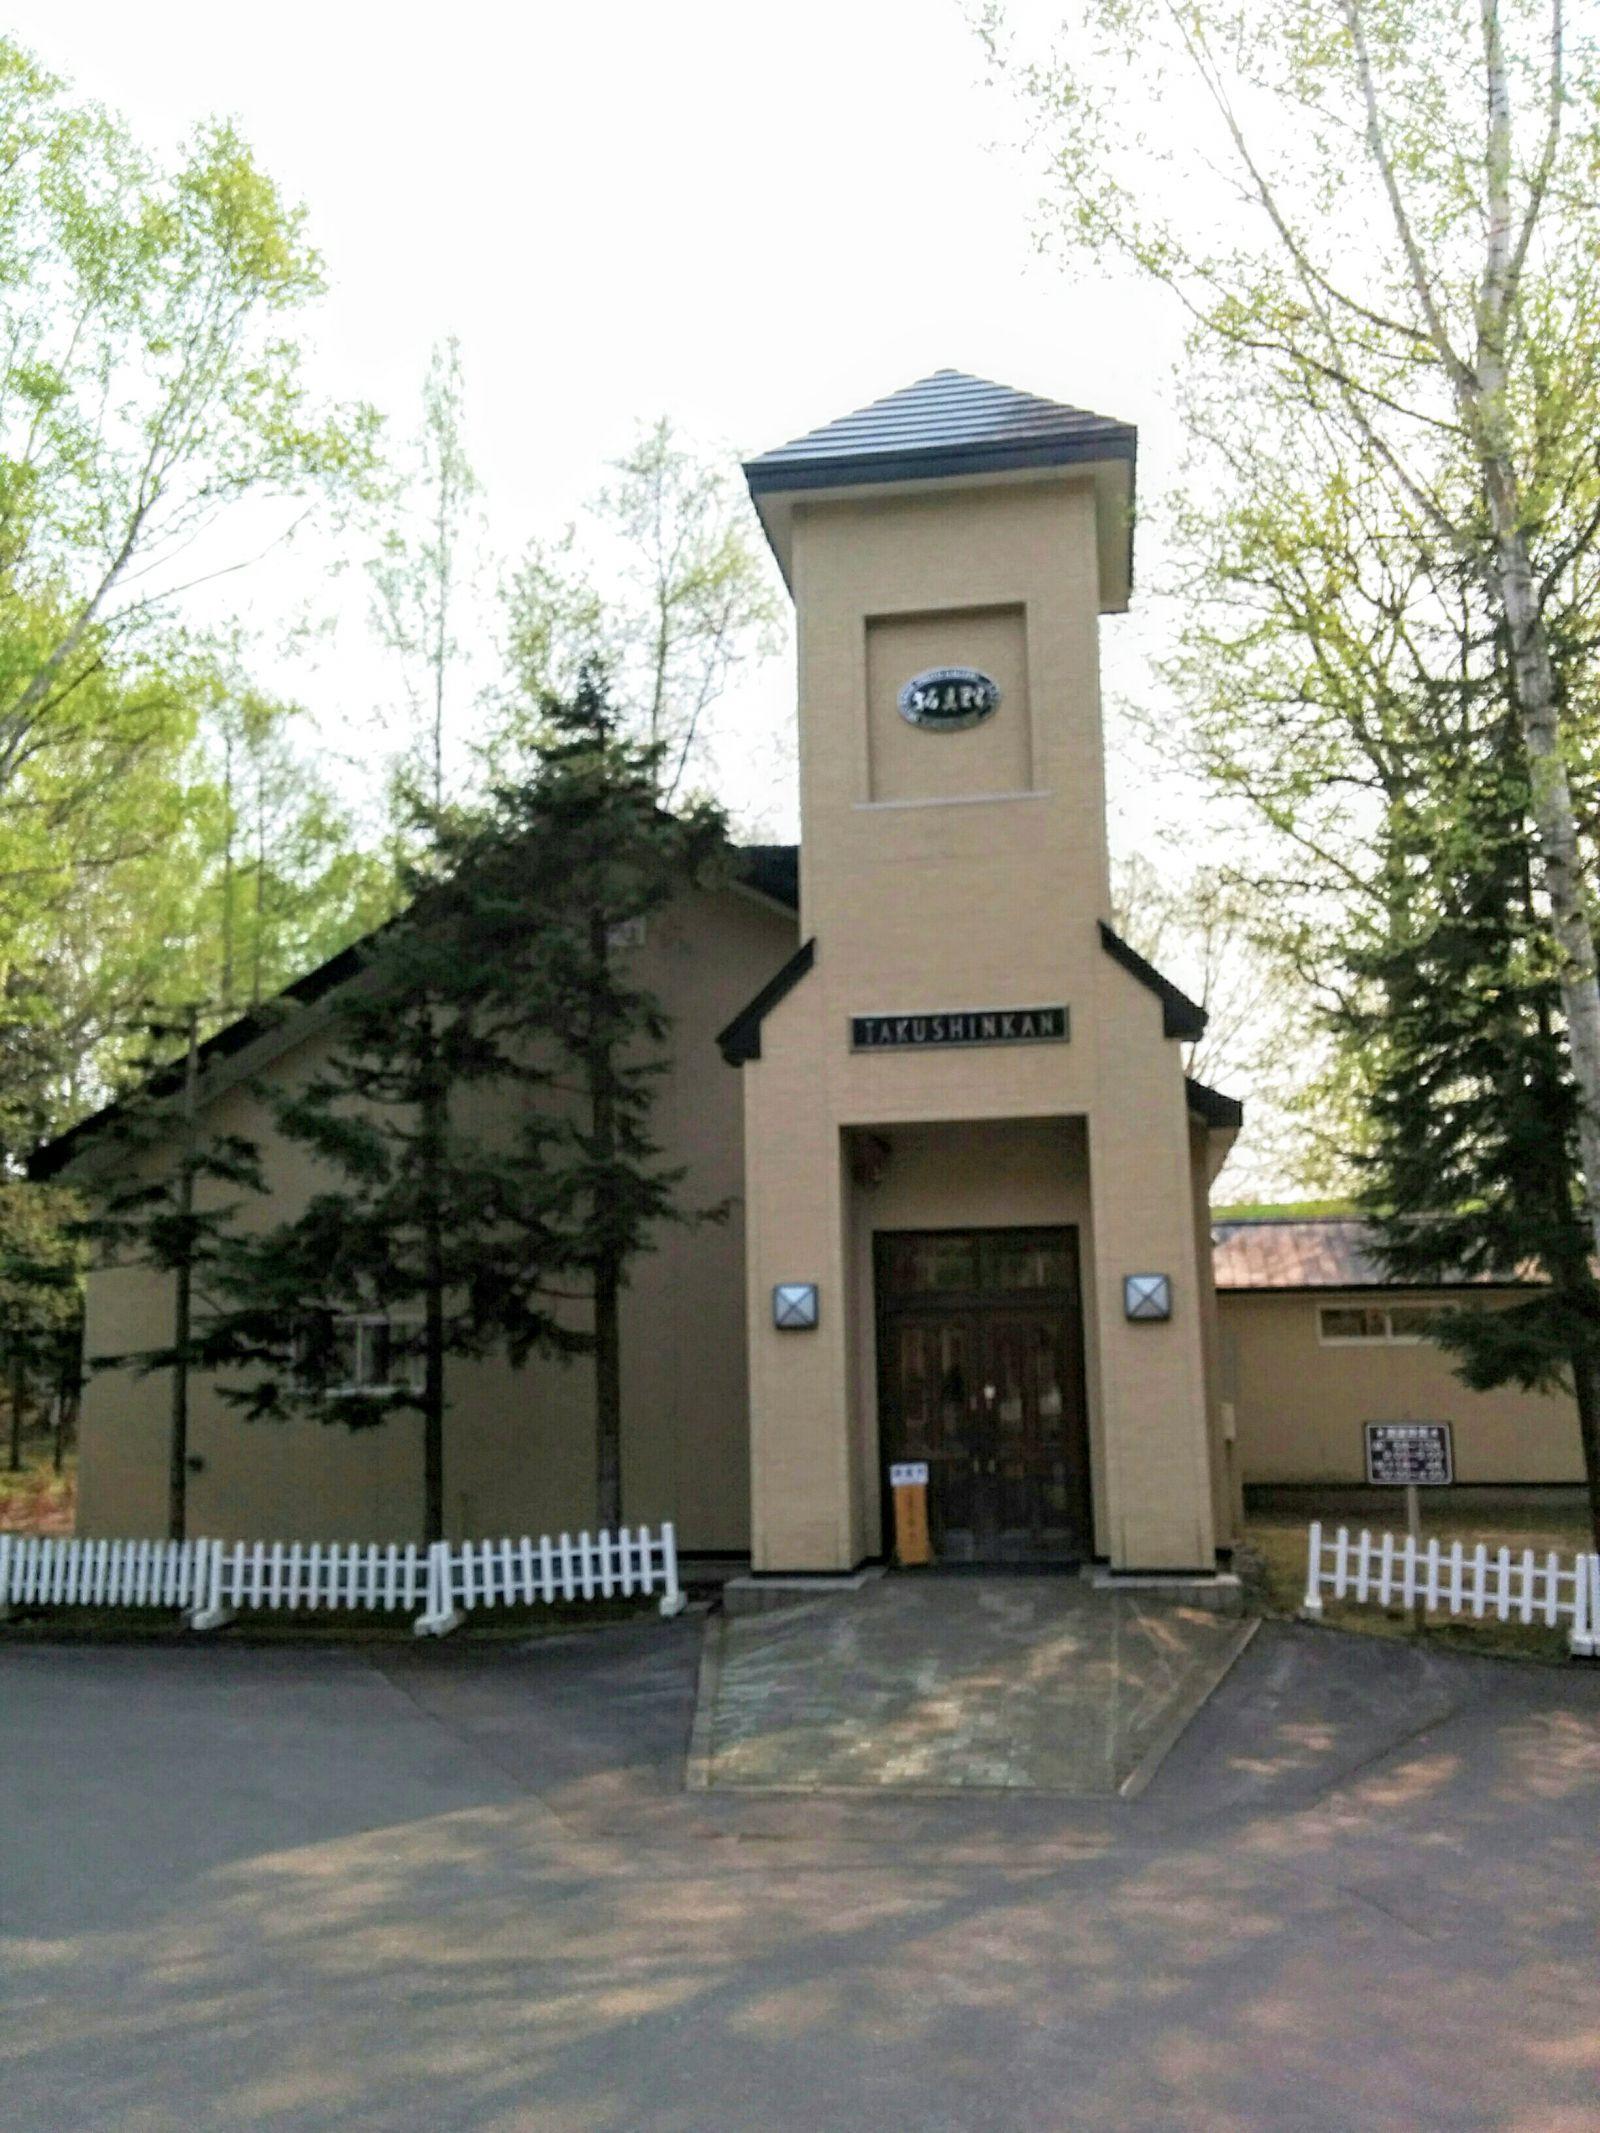 【美瑛町】フォトギャラリー・拓真館観光案内です。